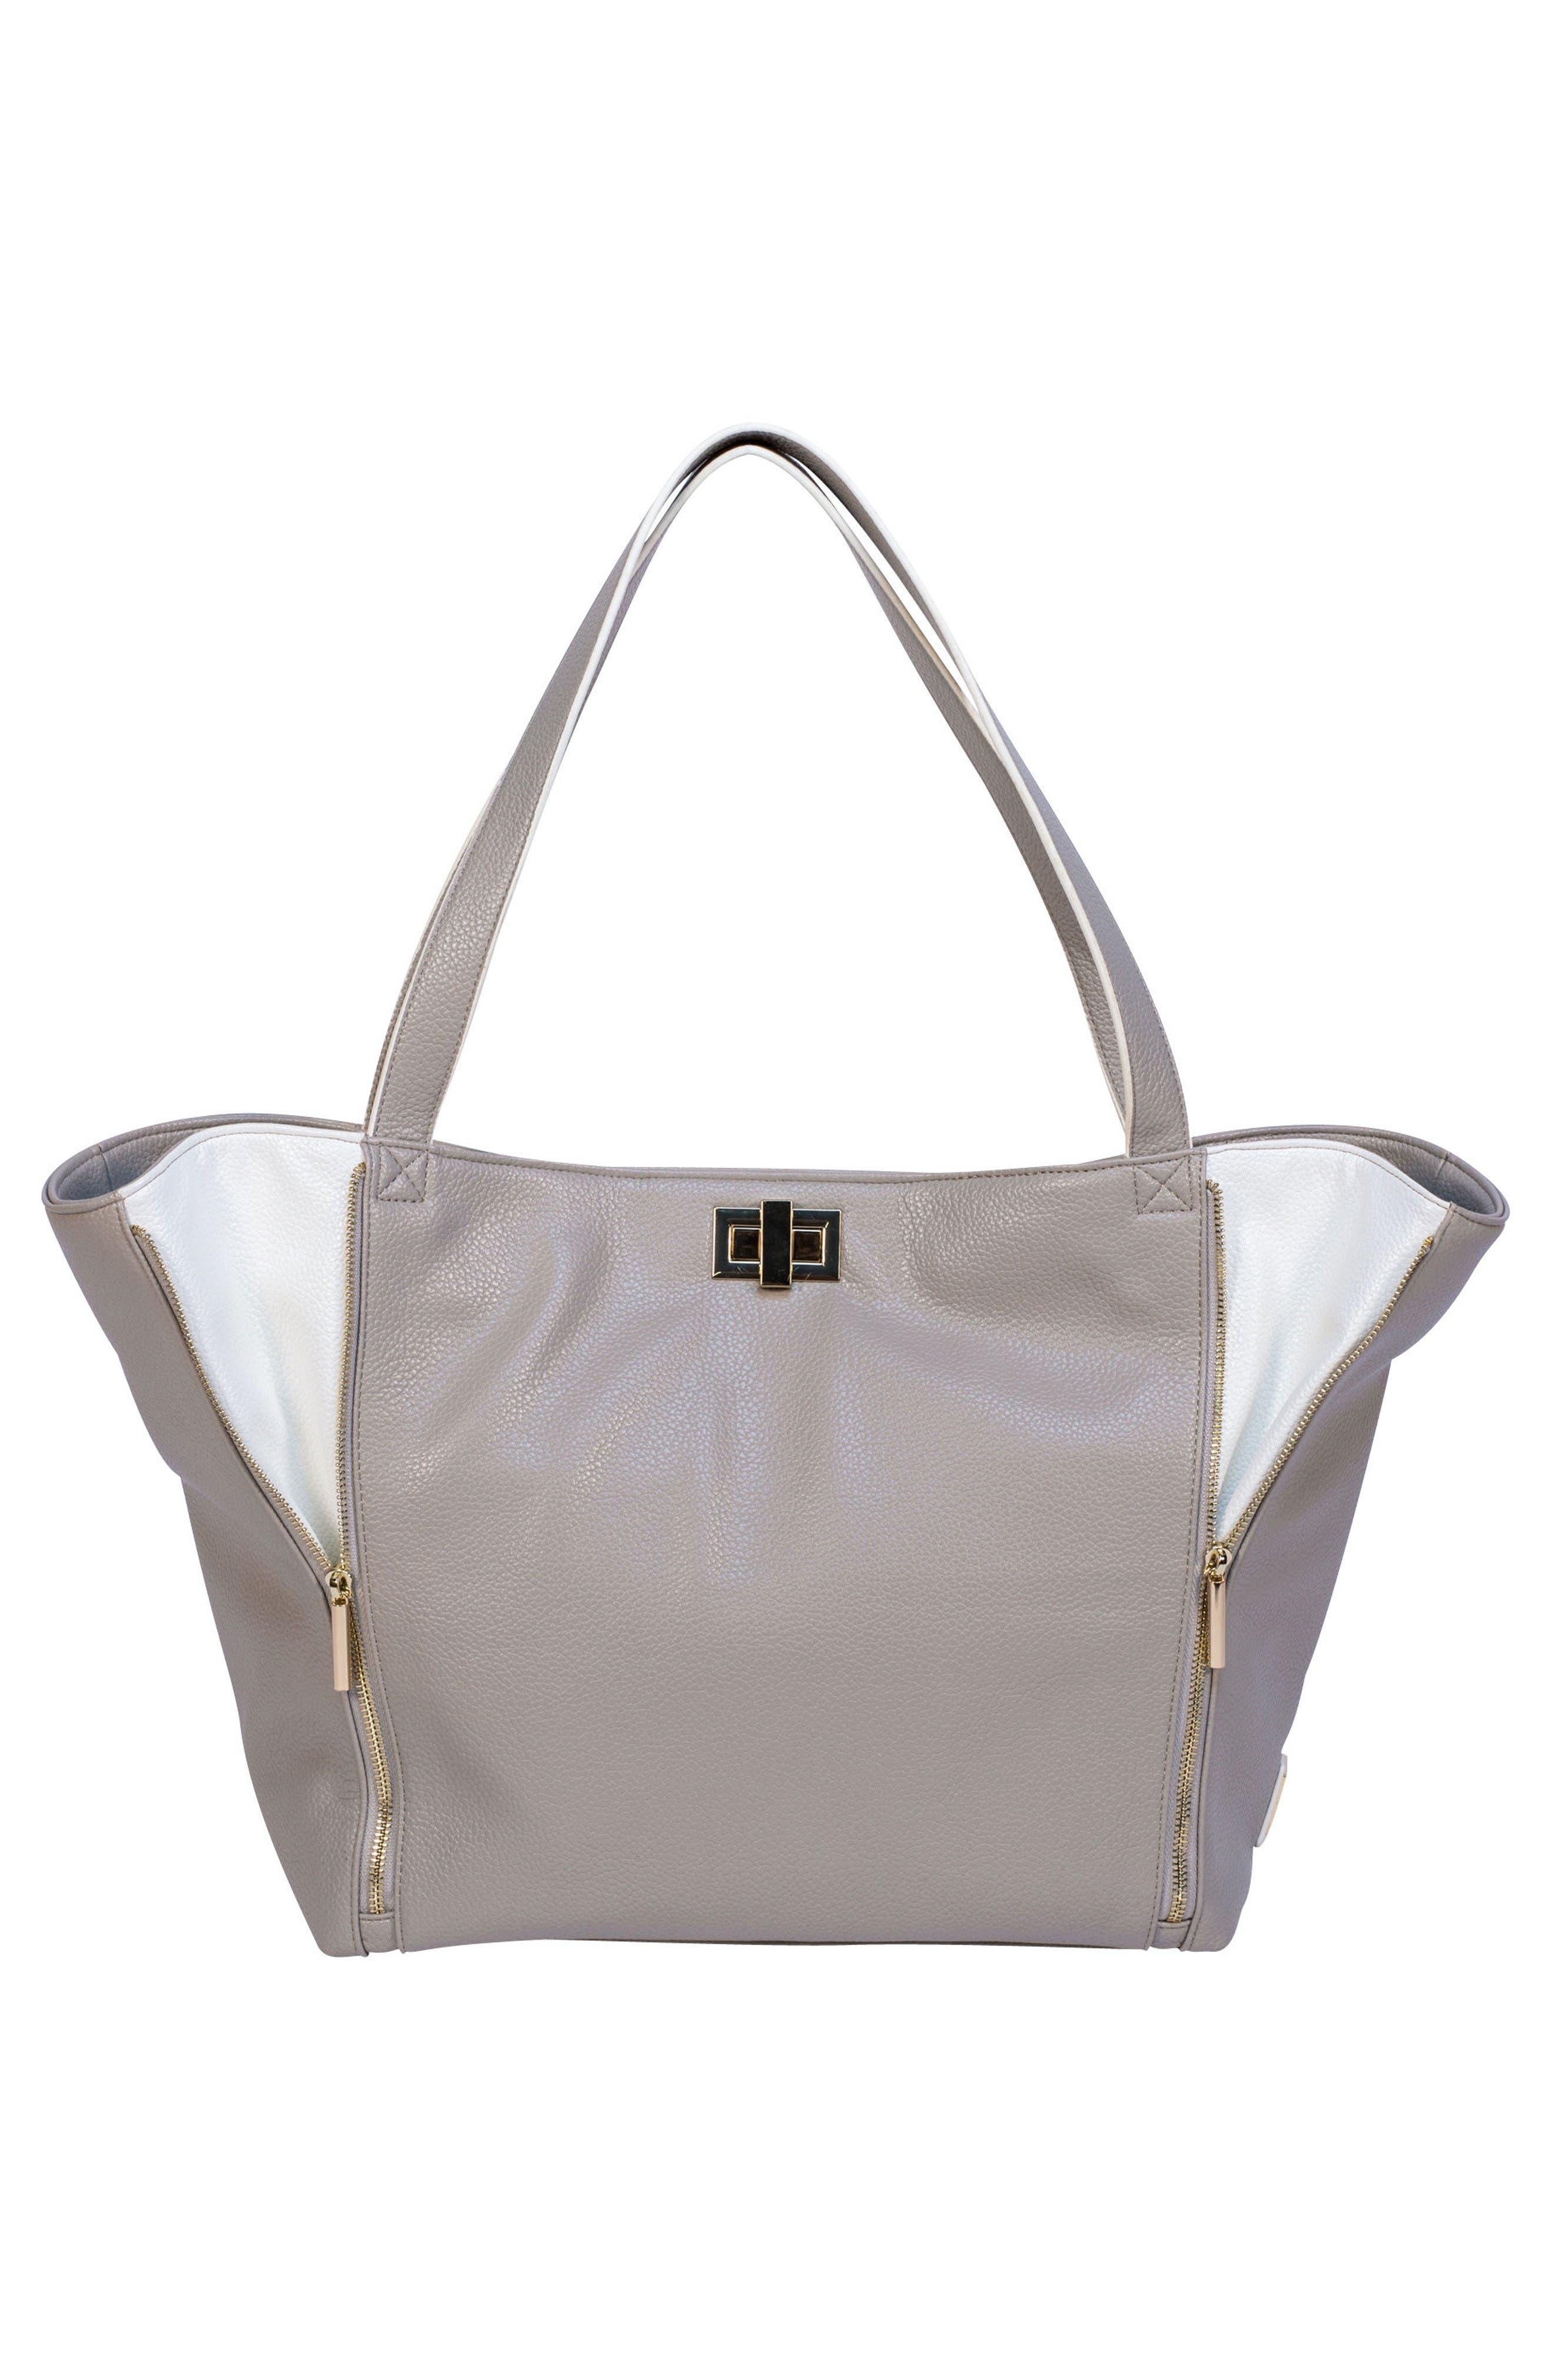 Sloane Diaper Bag,                             Alternate thumbnail 2, color,                             Neutral/ White